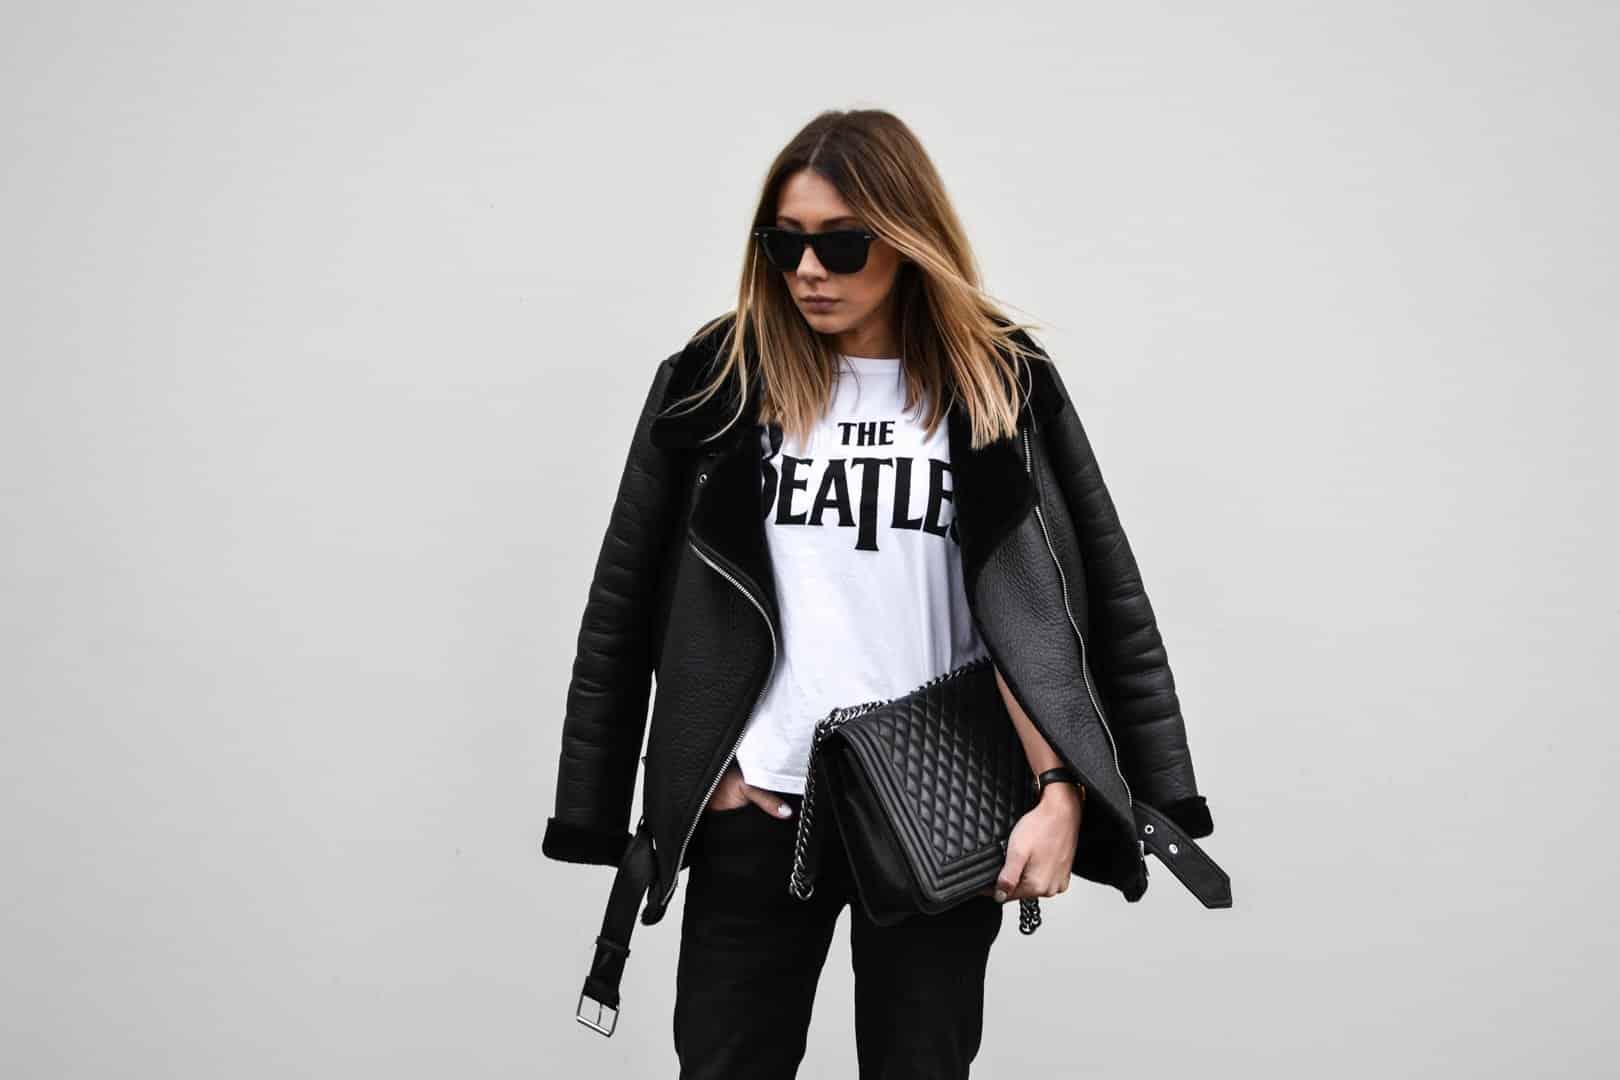 Klaudia trzymająca w ręce torebkę Chanel Boy.